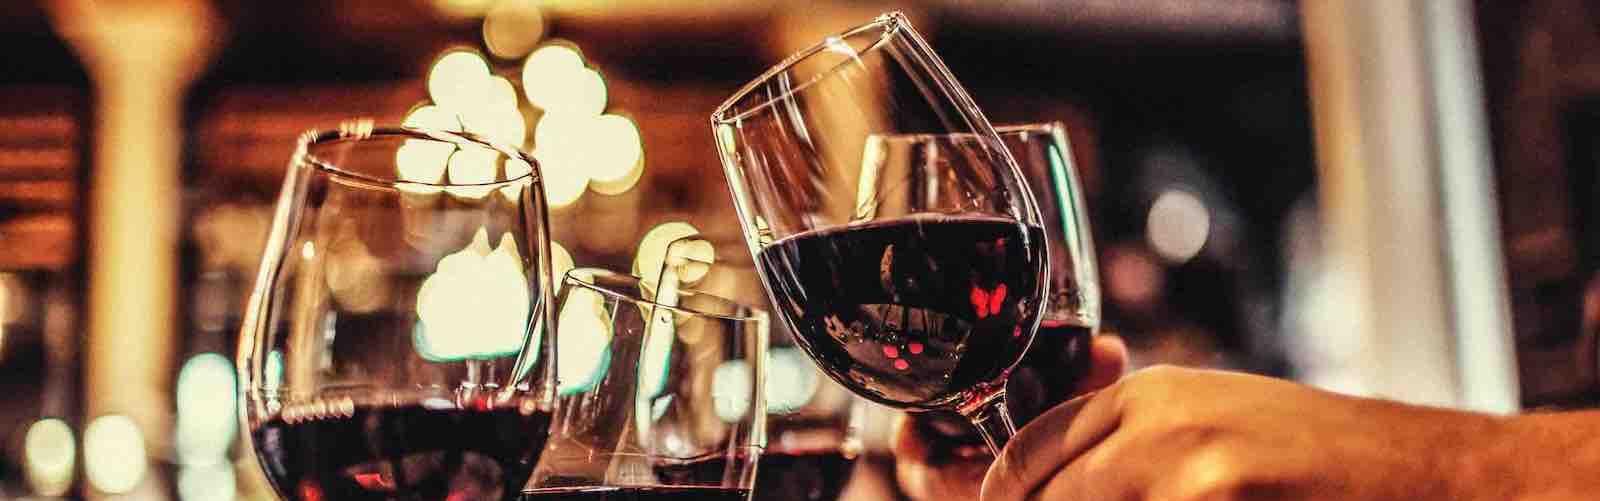 CCC Négociant en vin de Bordeaux sélectionnés pour vous